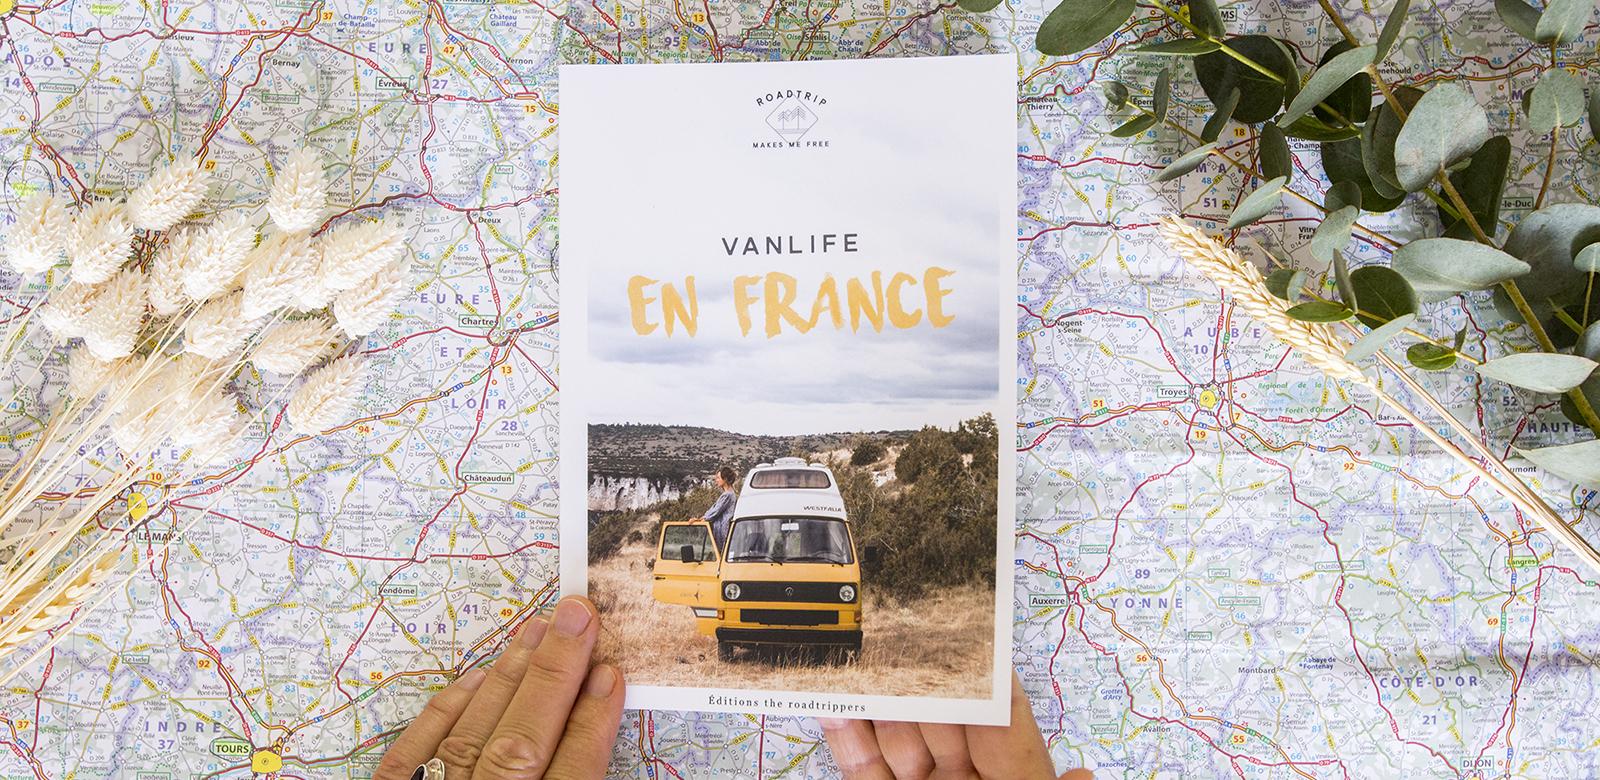 Notre projet d'auto-édition n°2 – Vanlife en France